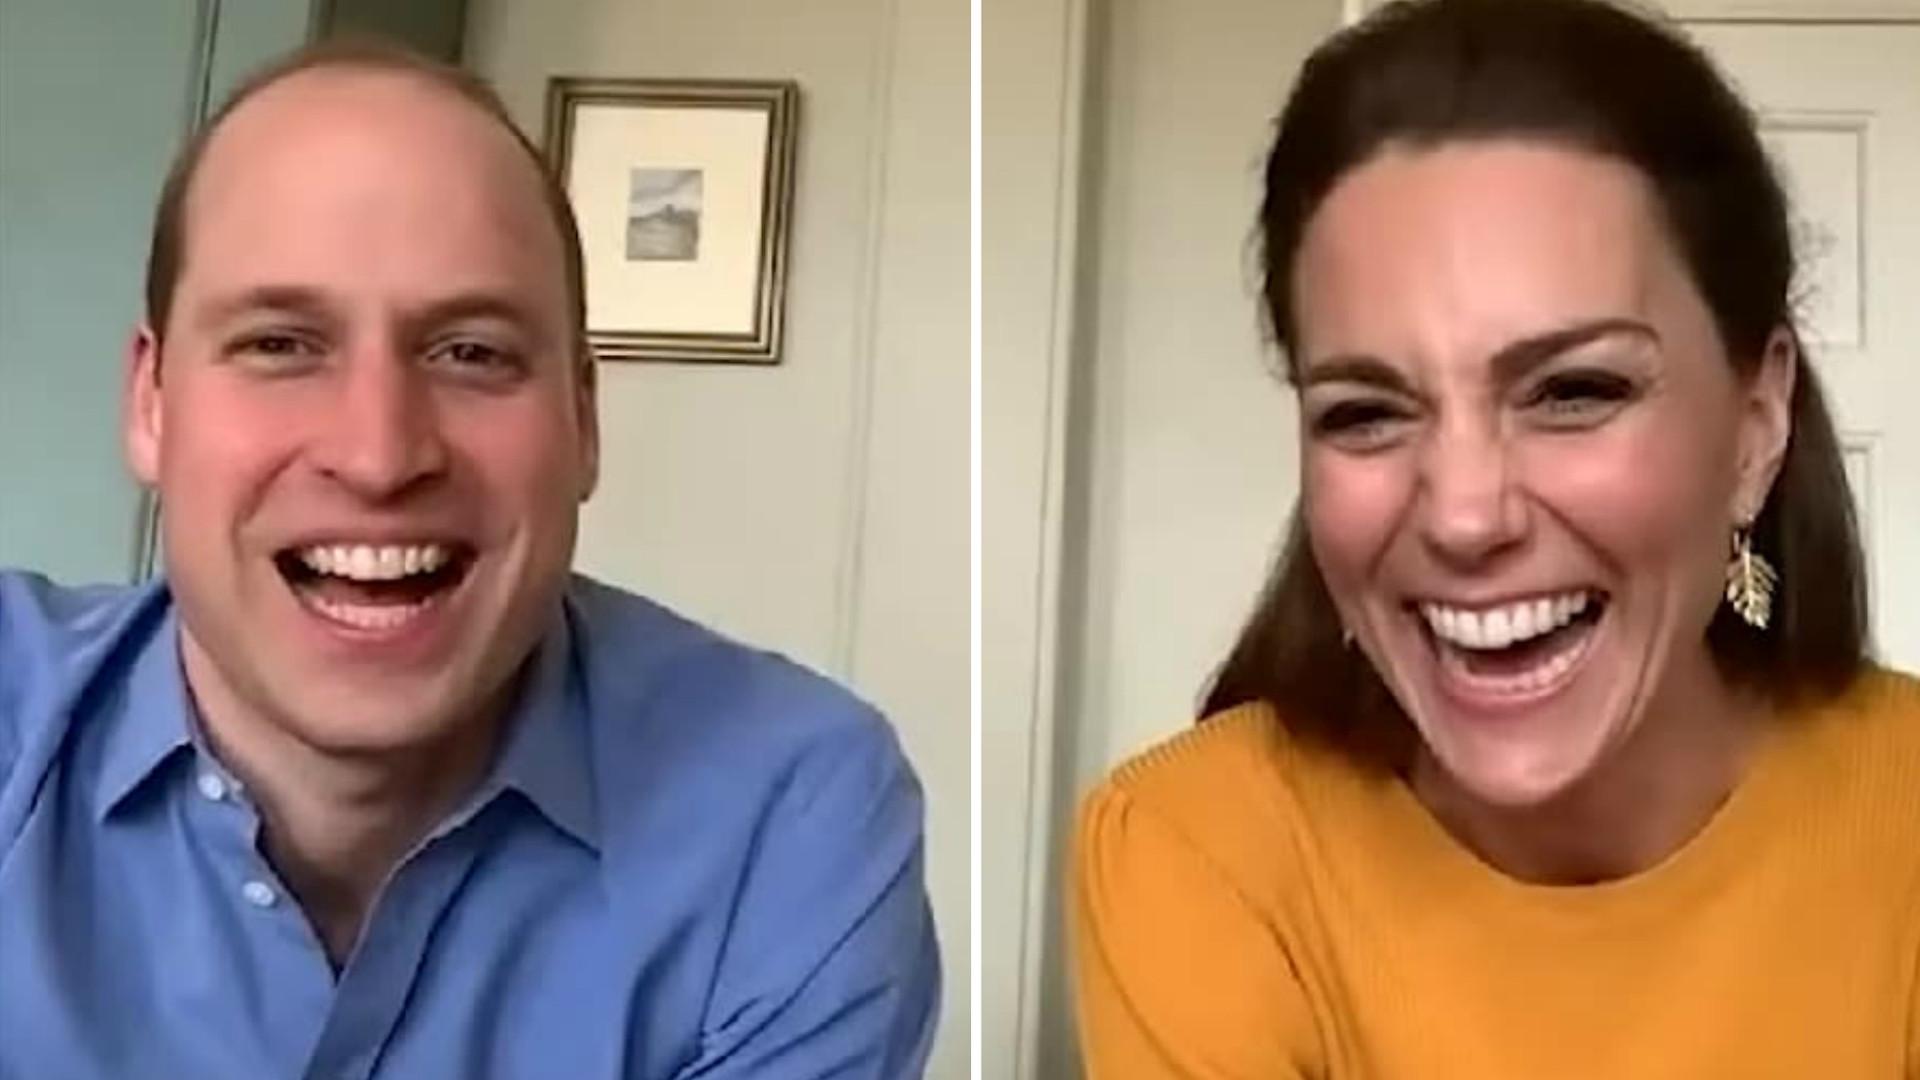 książę William i księżna Kate na wideorozmowie